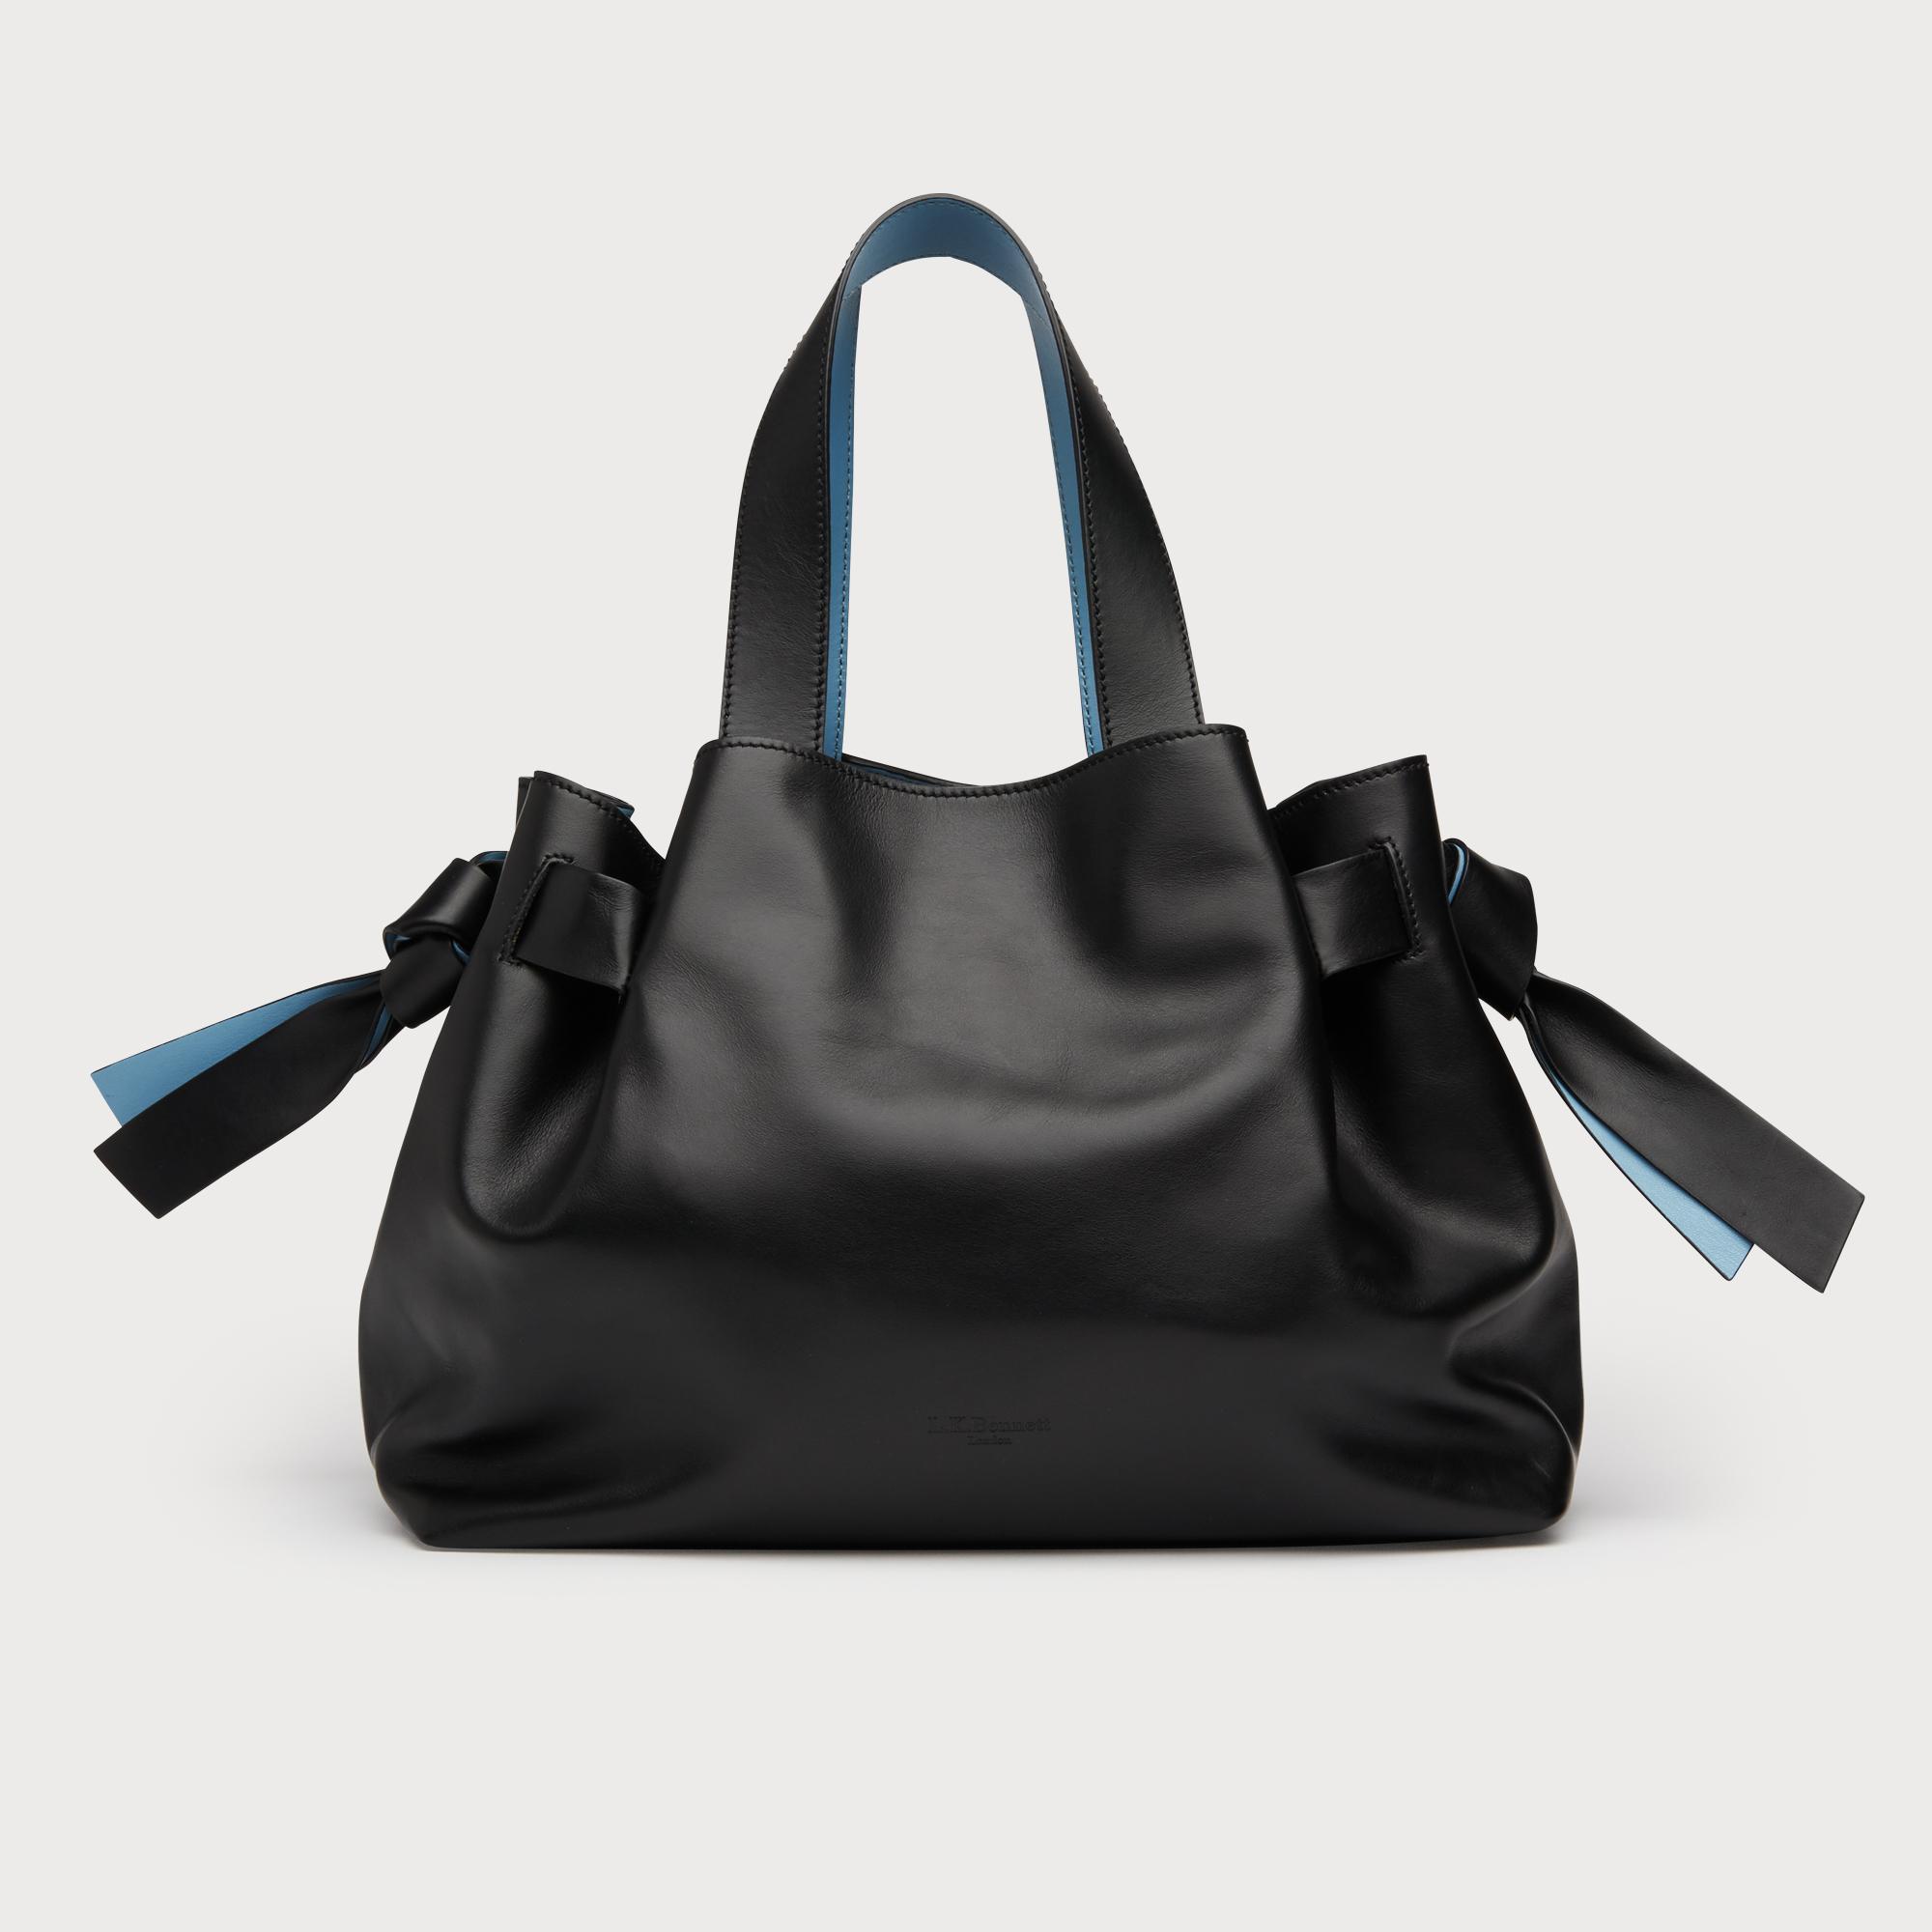 e100e779d7e7 Lyst - L.K.Bennett Geraldine Black Leather Tote Bag in Black